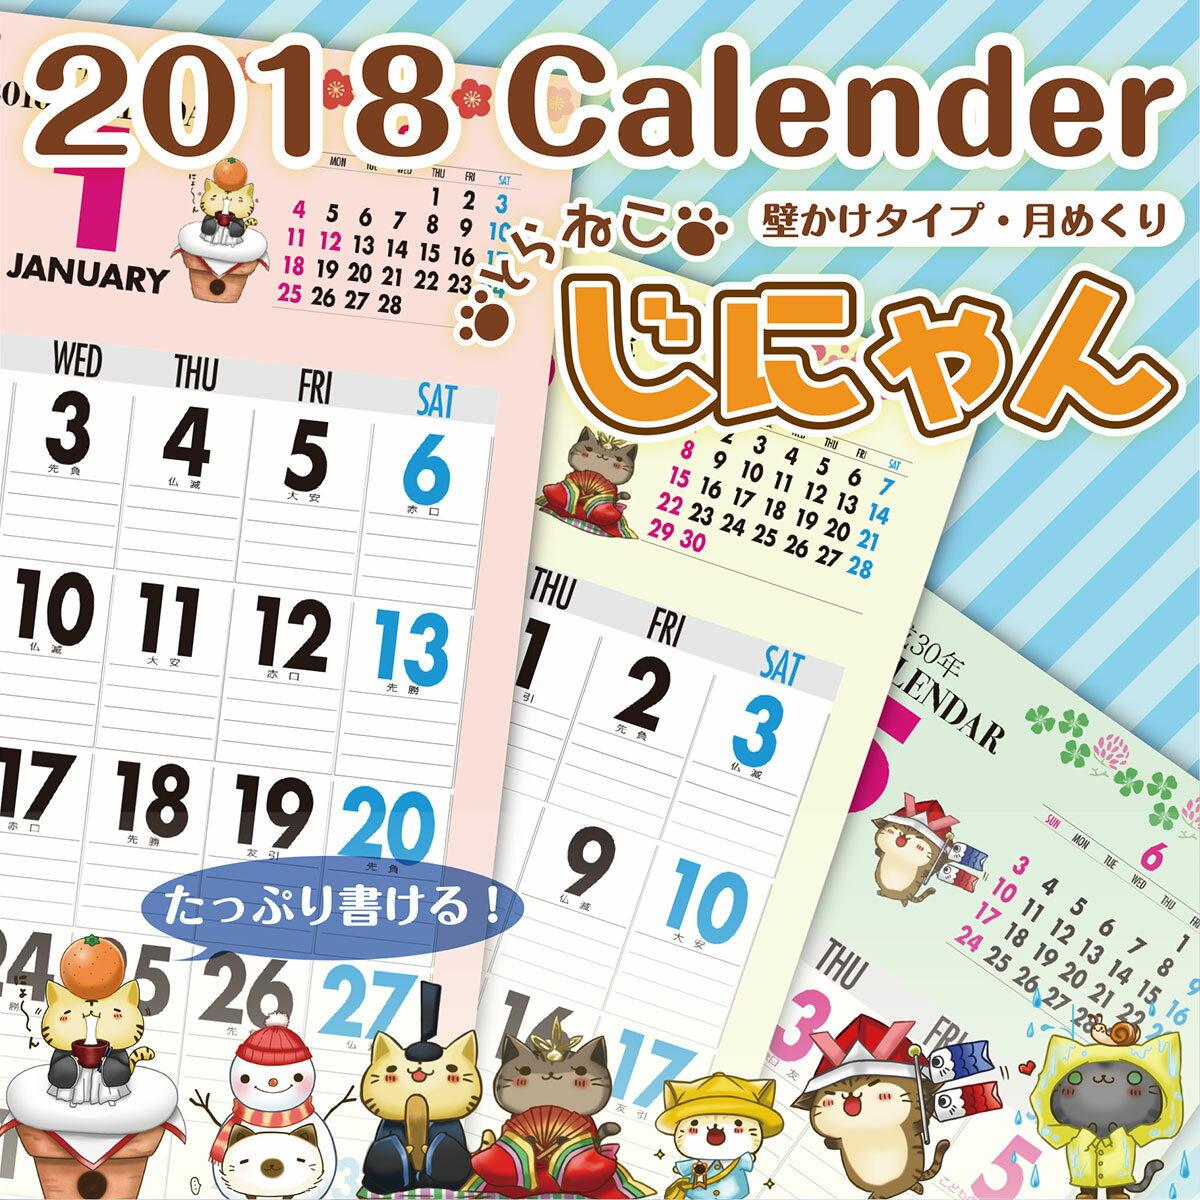 2018年 カレンダー 2018 壁掛け 2018年度版 壁掛けカレンダー かわいい ネコ ねこ 猫 じにゃん calender